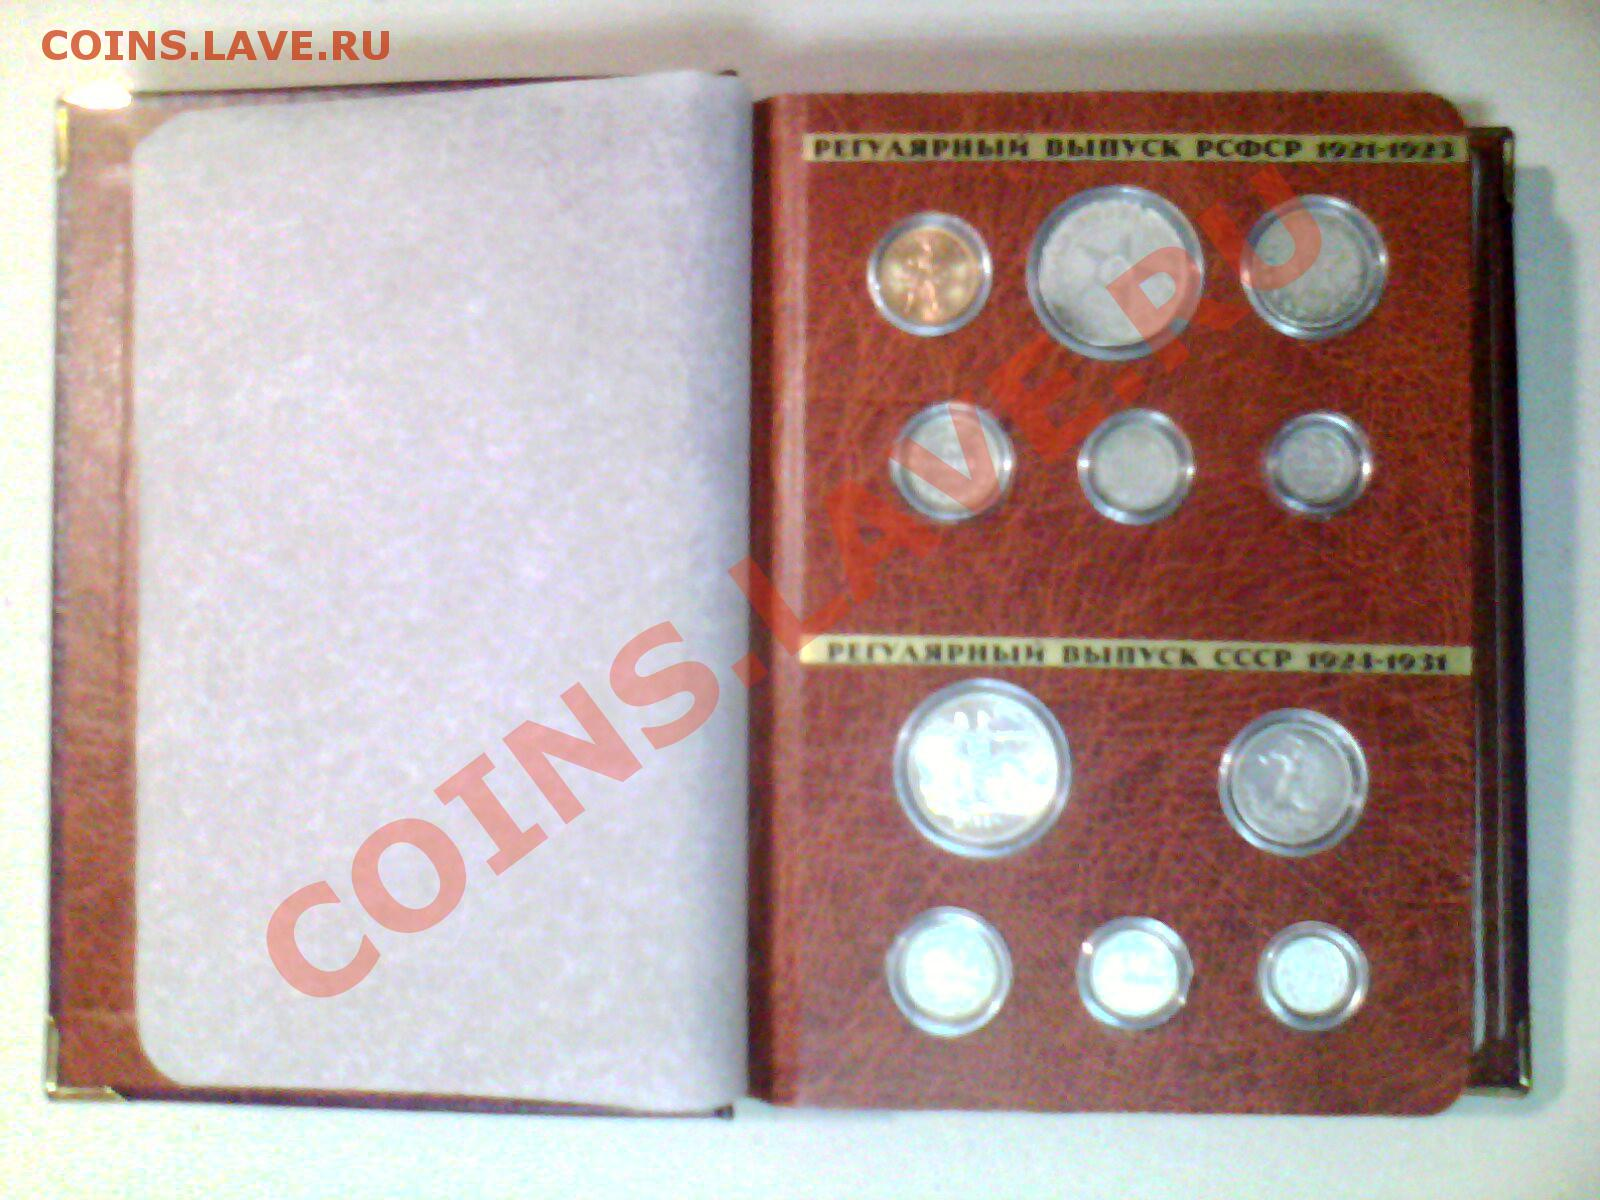 Альбом для монет своими руками из альбома для фотографий 544